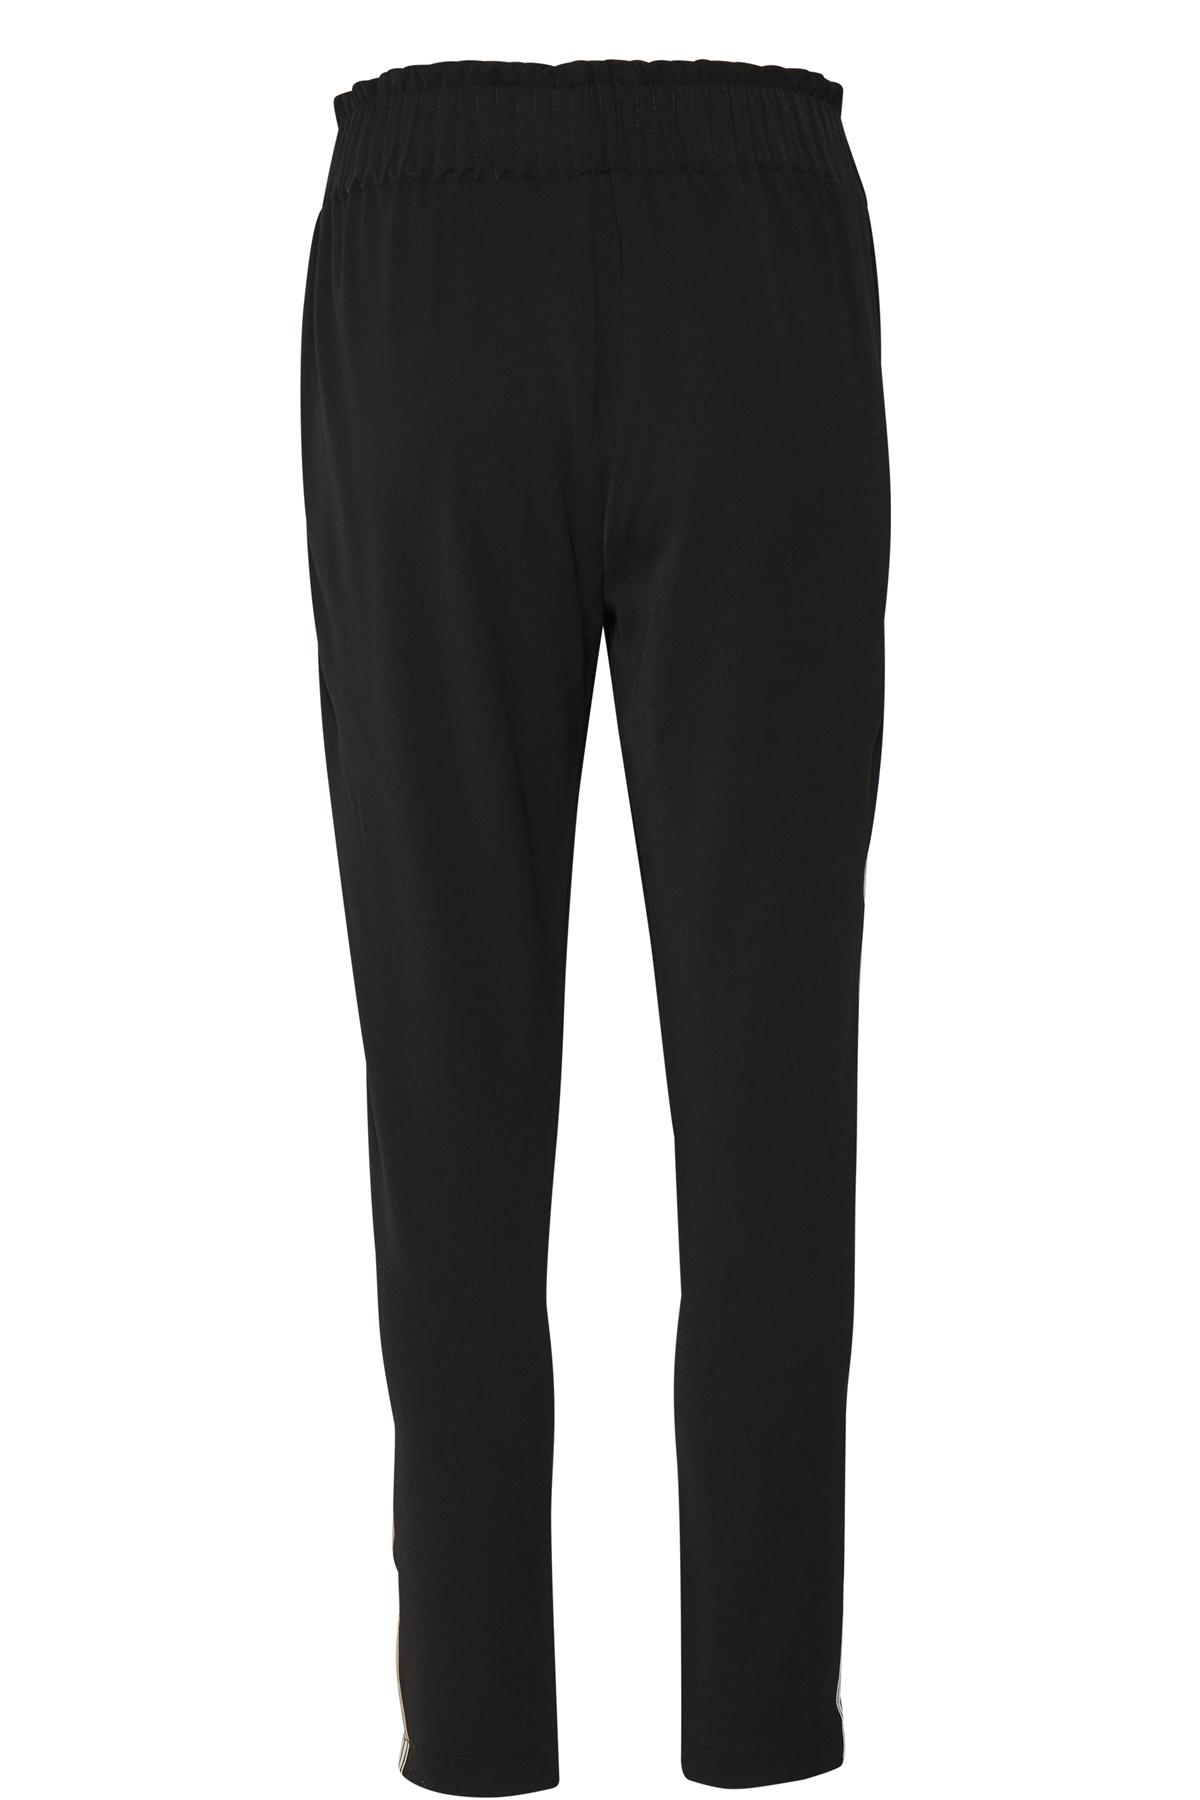 Black Casual bukser fra Culture – Køb Black Casual bukser fra str. XS-XXL her